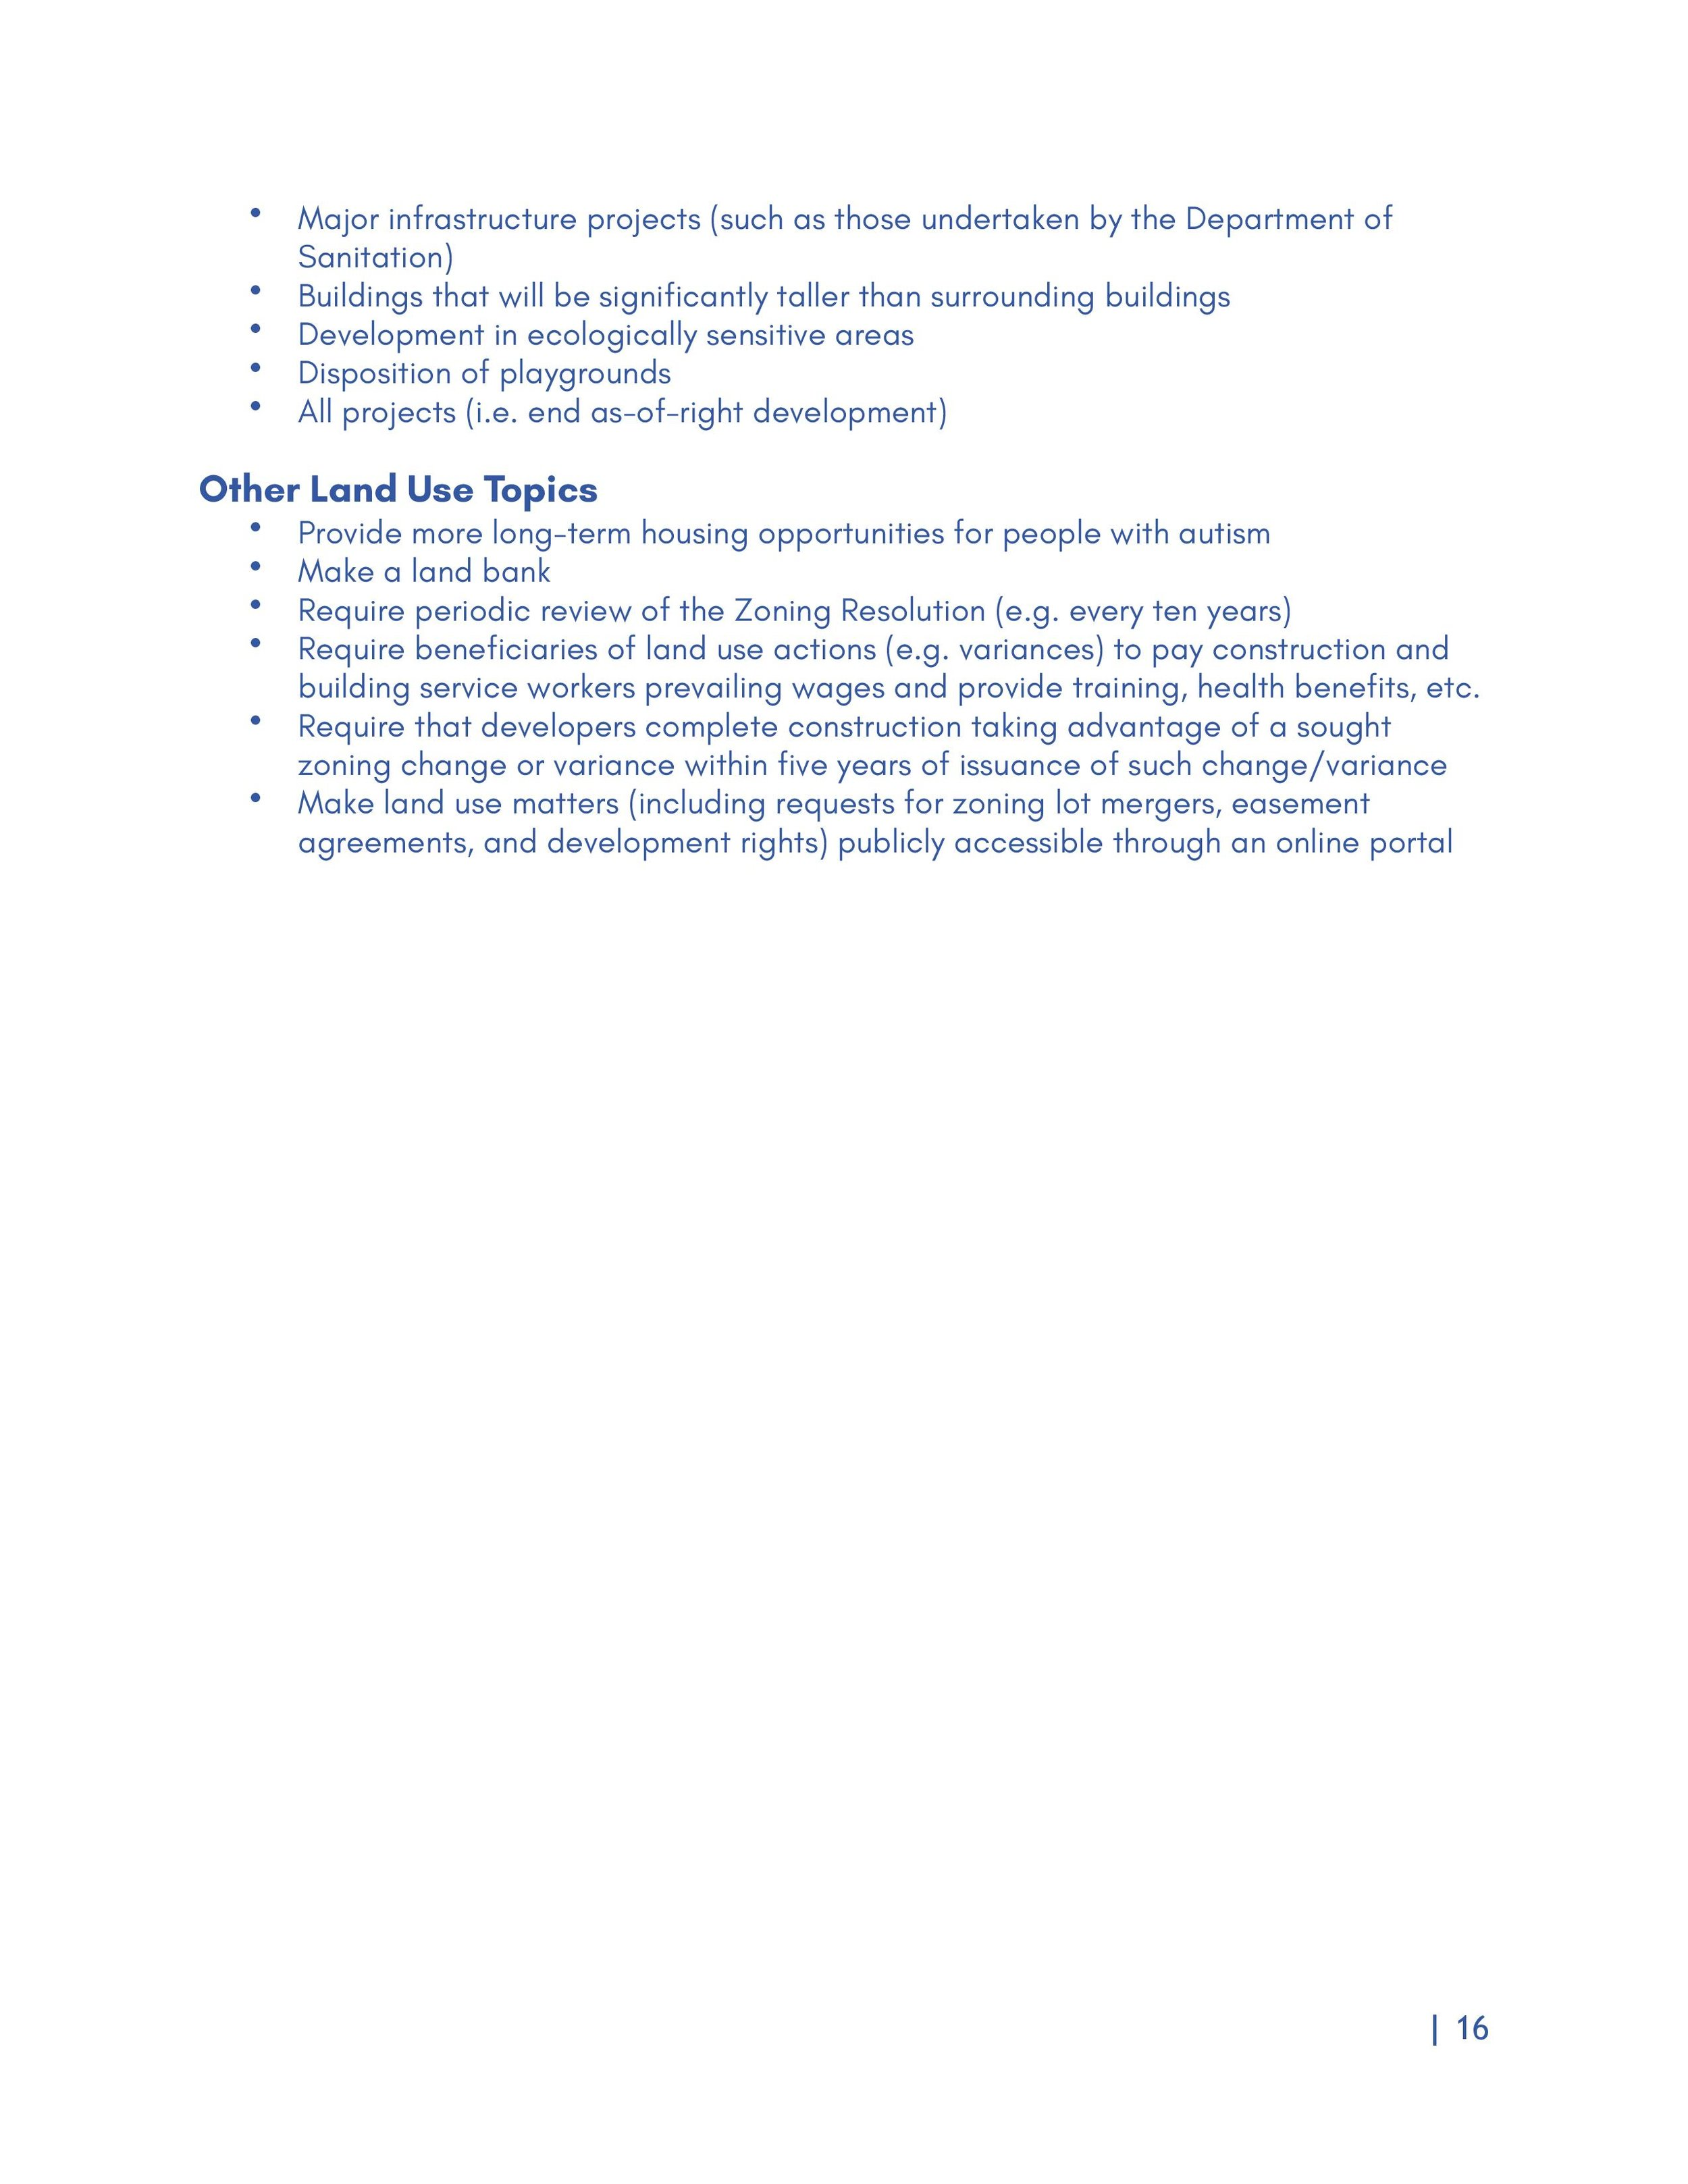 Proposals-page-016.jpg